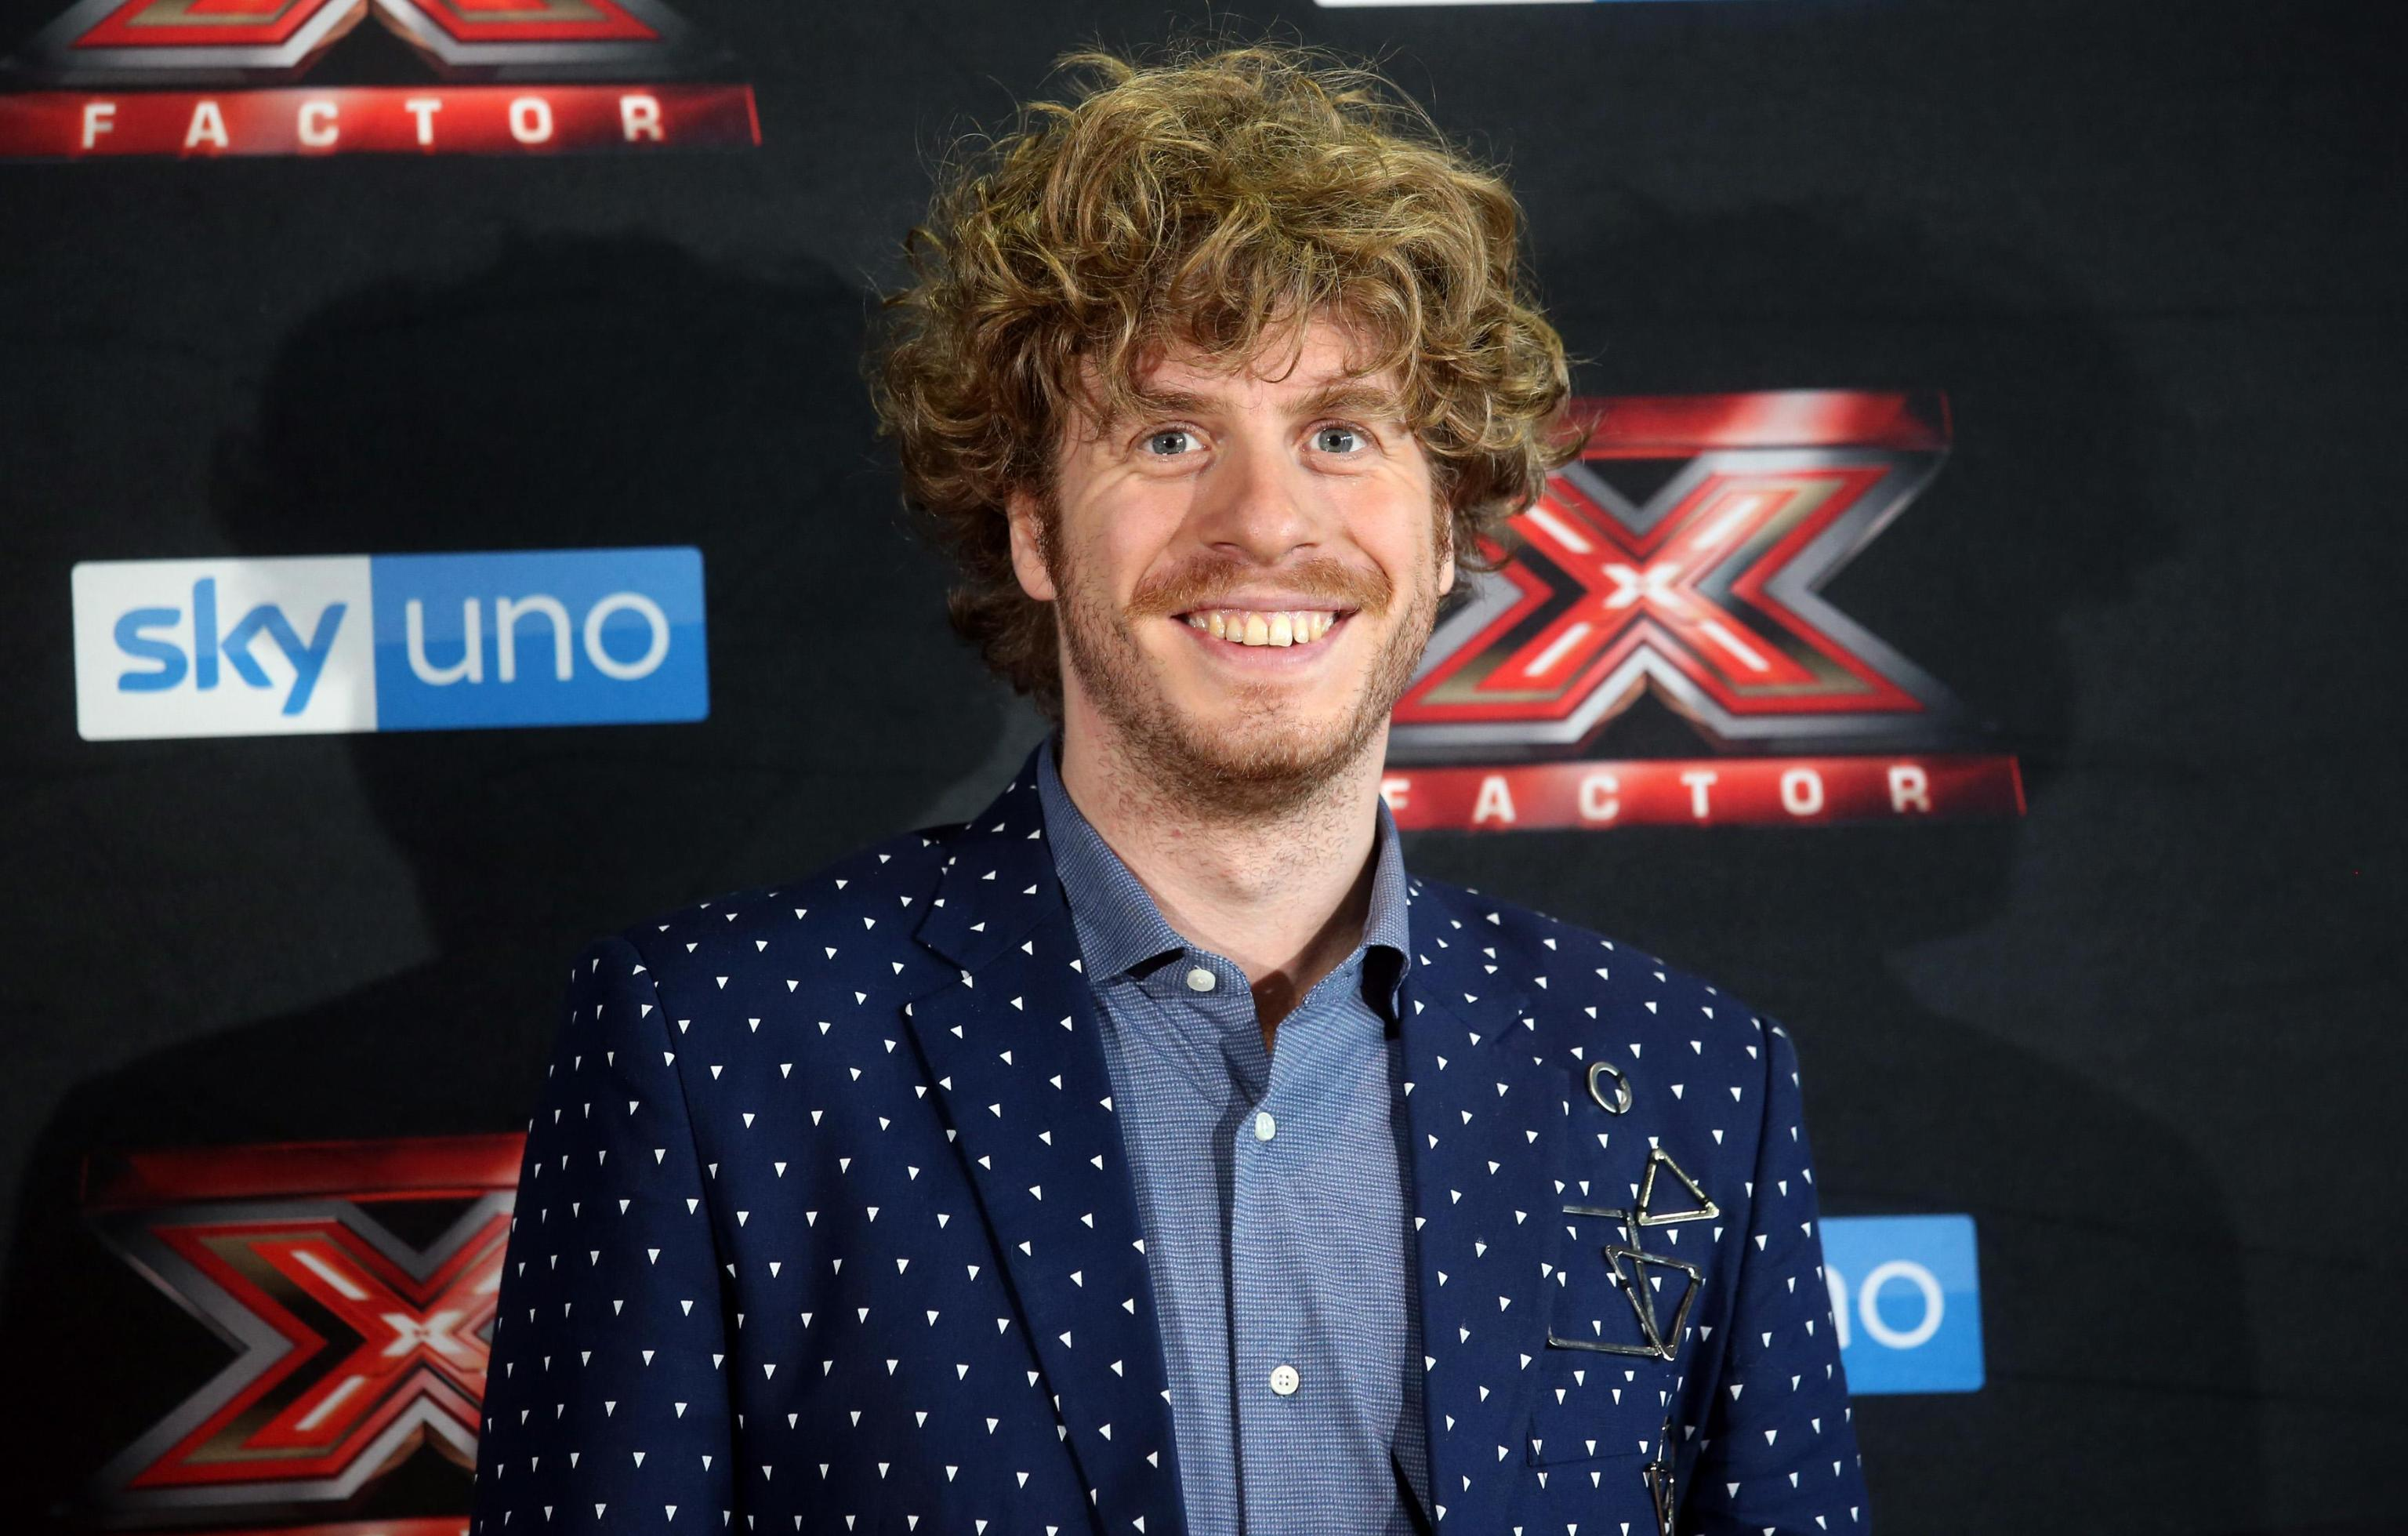 Lodo Guenzi su X Factor: 'Finora nessuno si è messo in ginocchio per chiedermi di restare'